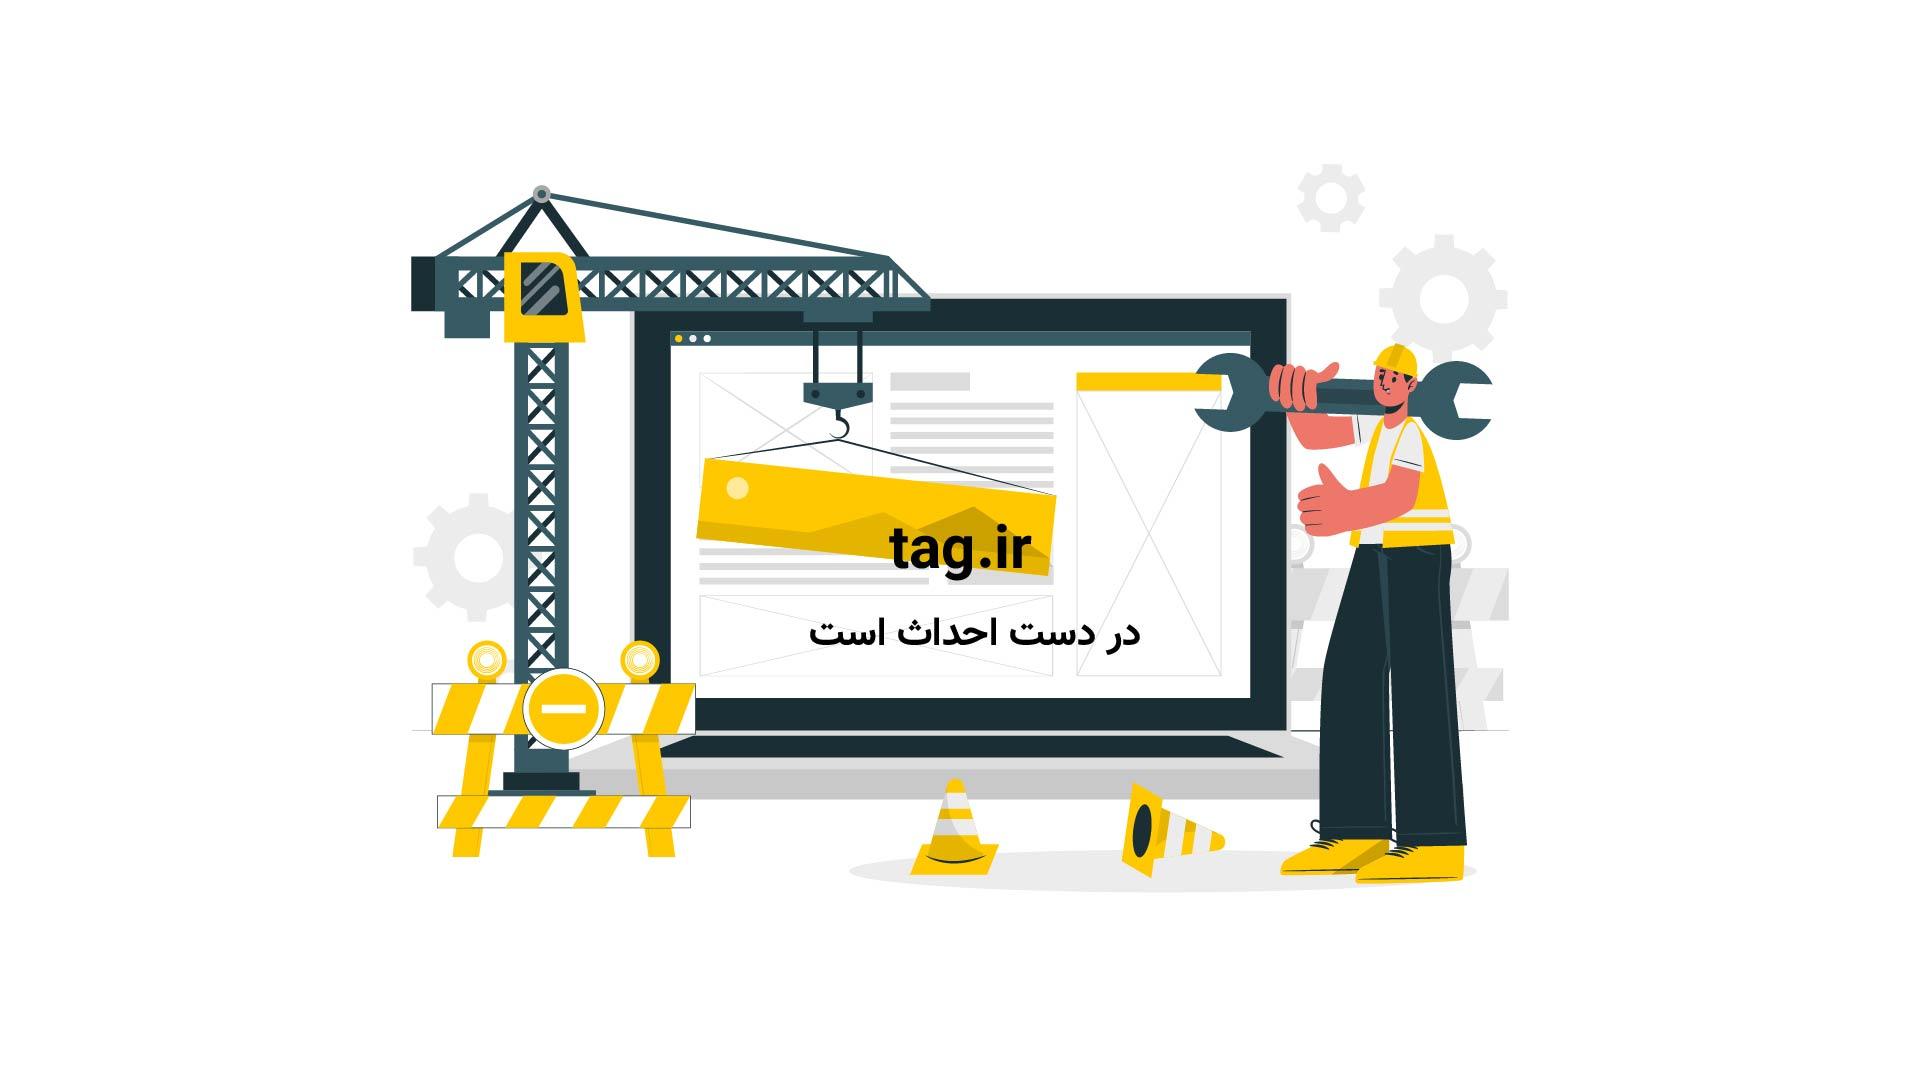 فیل عصبانی پلنگ را از دست کفتارها نجات داد | فیلم